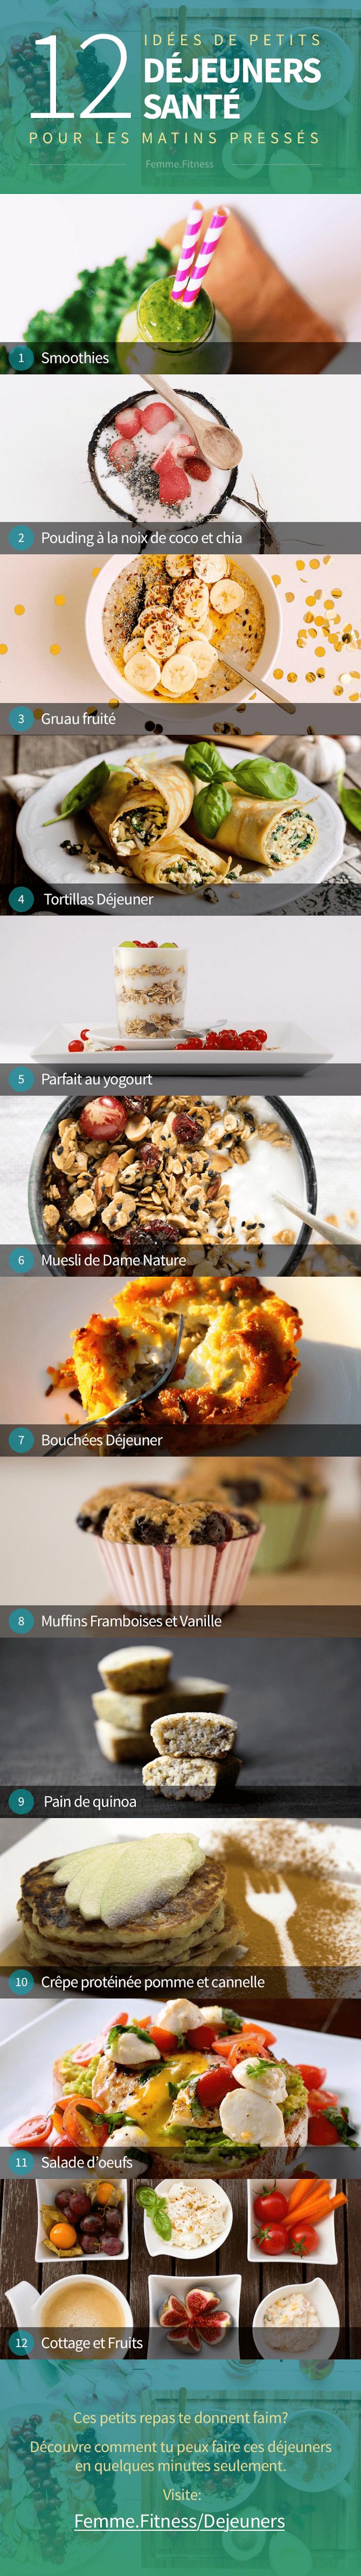 infographie avec 12 idées de petits déjeuners santé